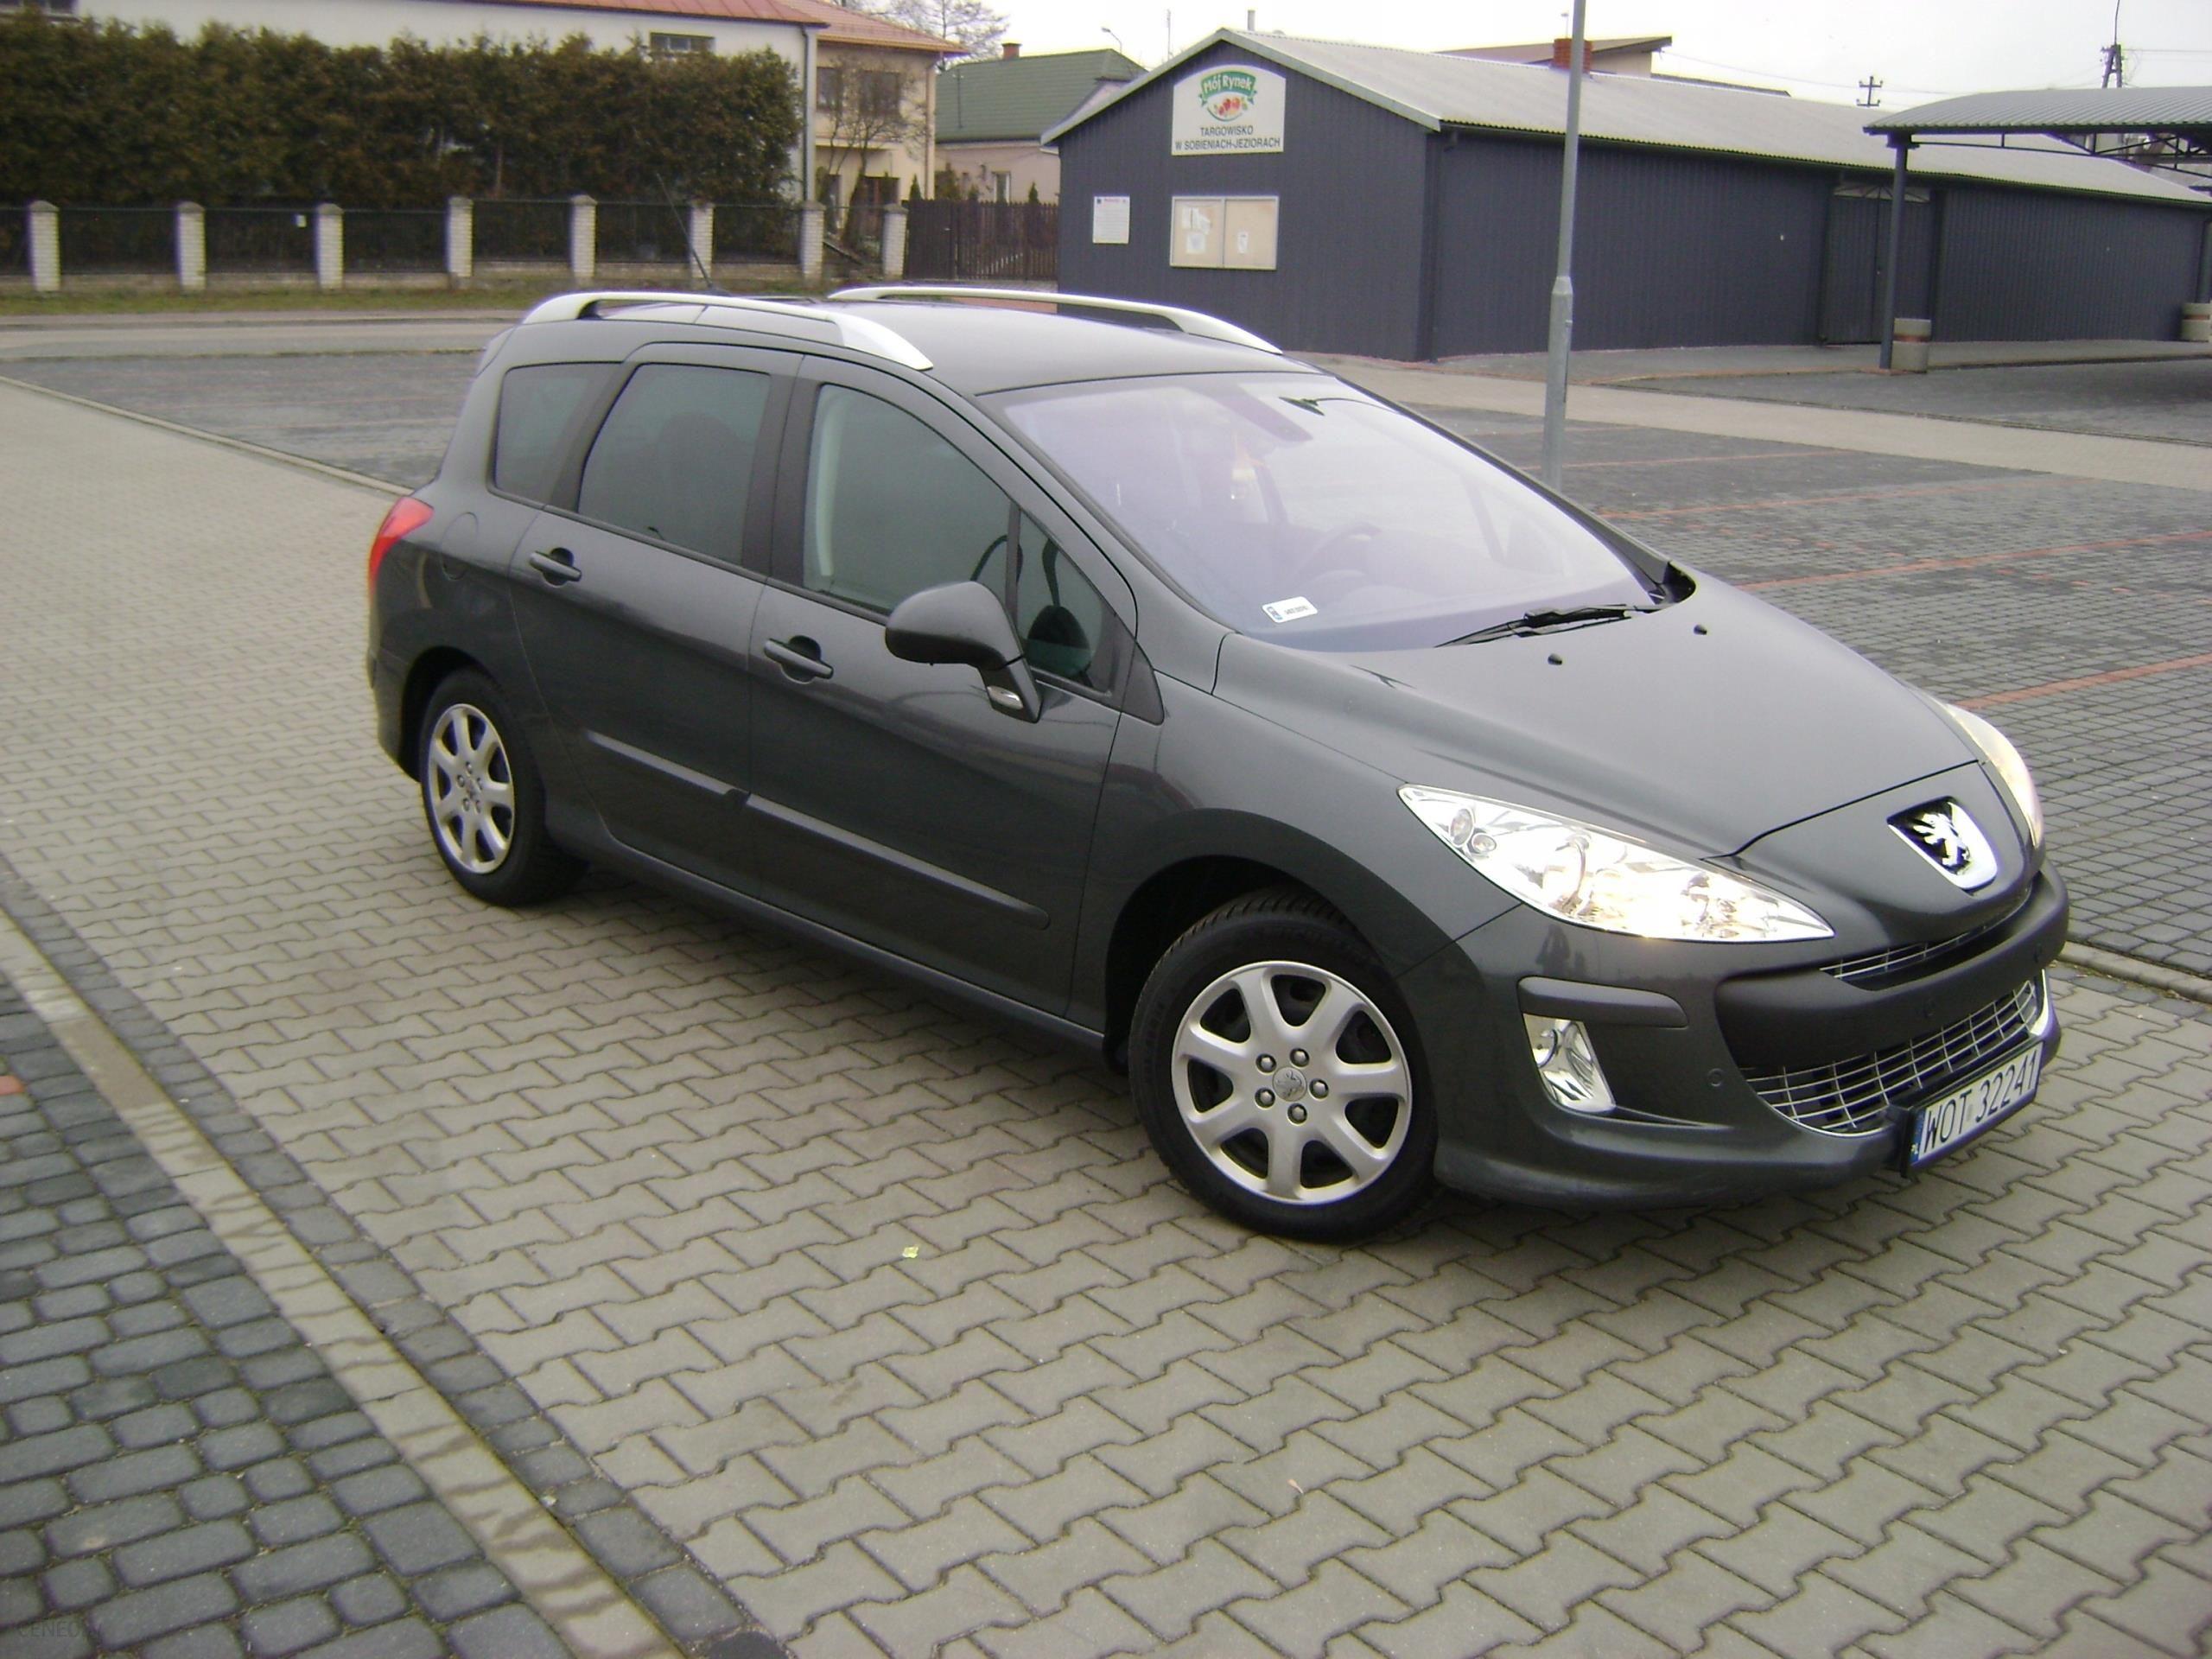 Peugeot 308 Sw 156 Km Automat 7 Osobowy Panorama Opinie I Ceny Na Ceneo Pl